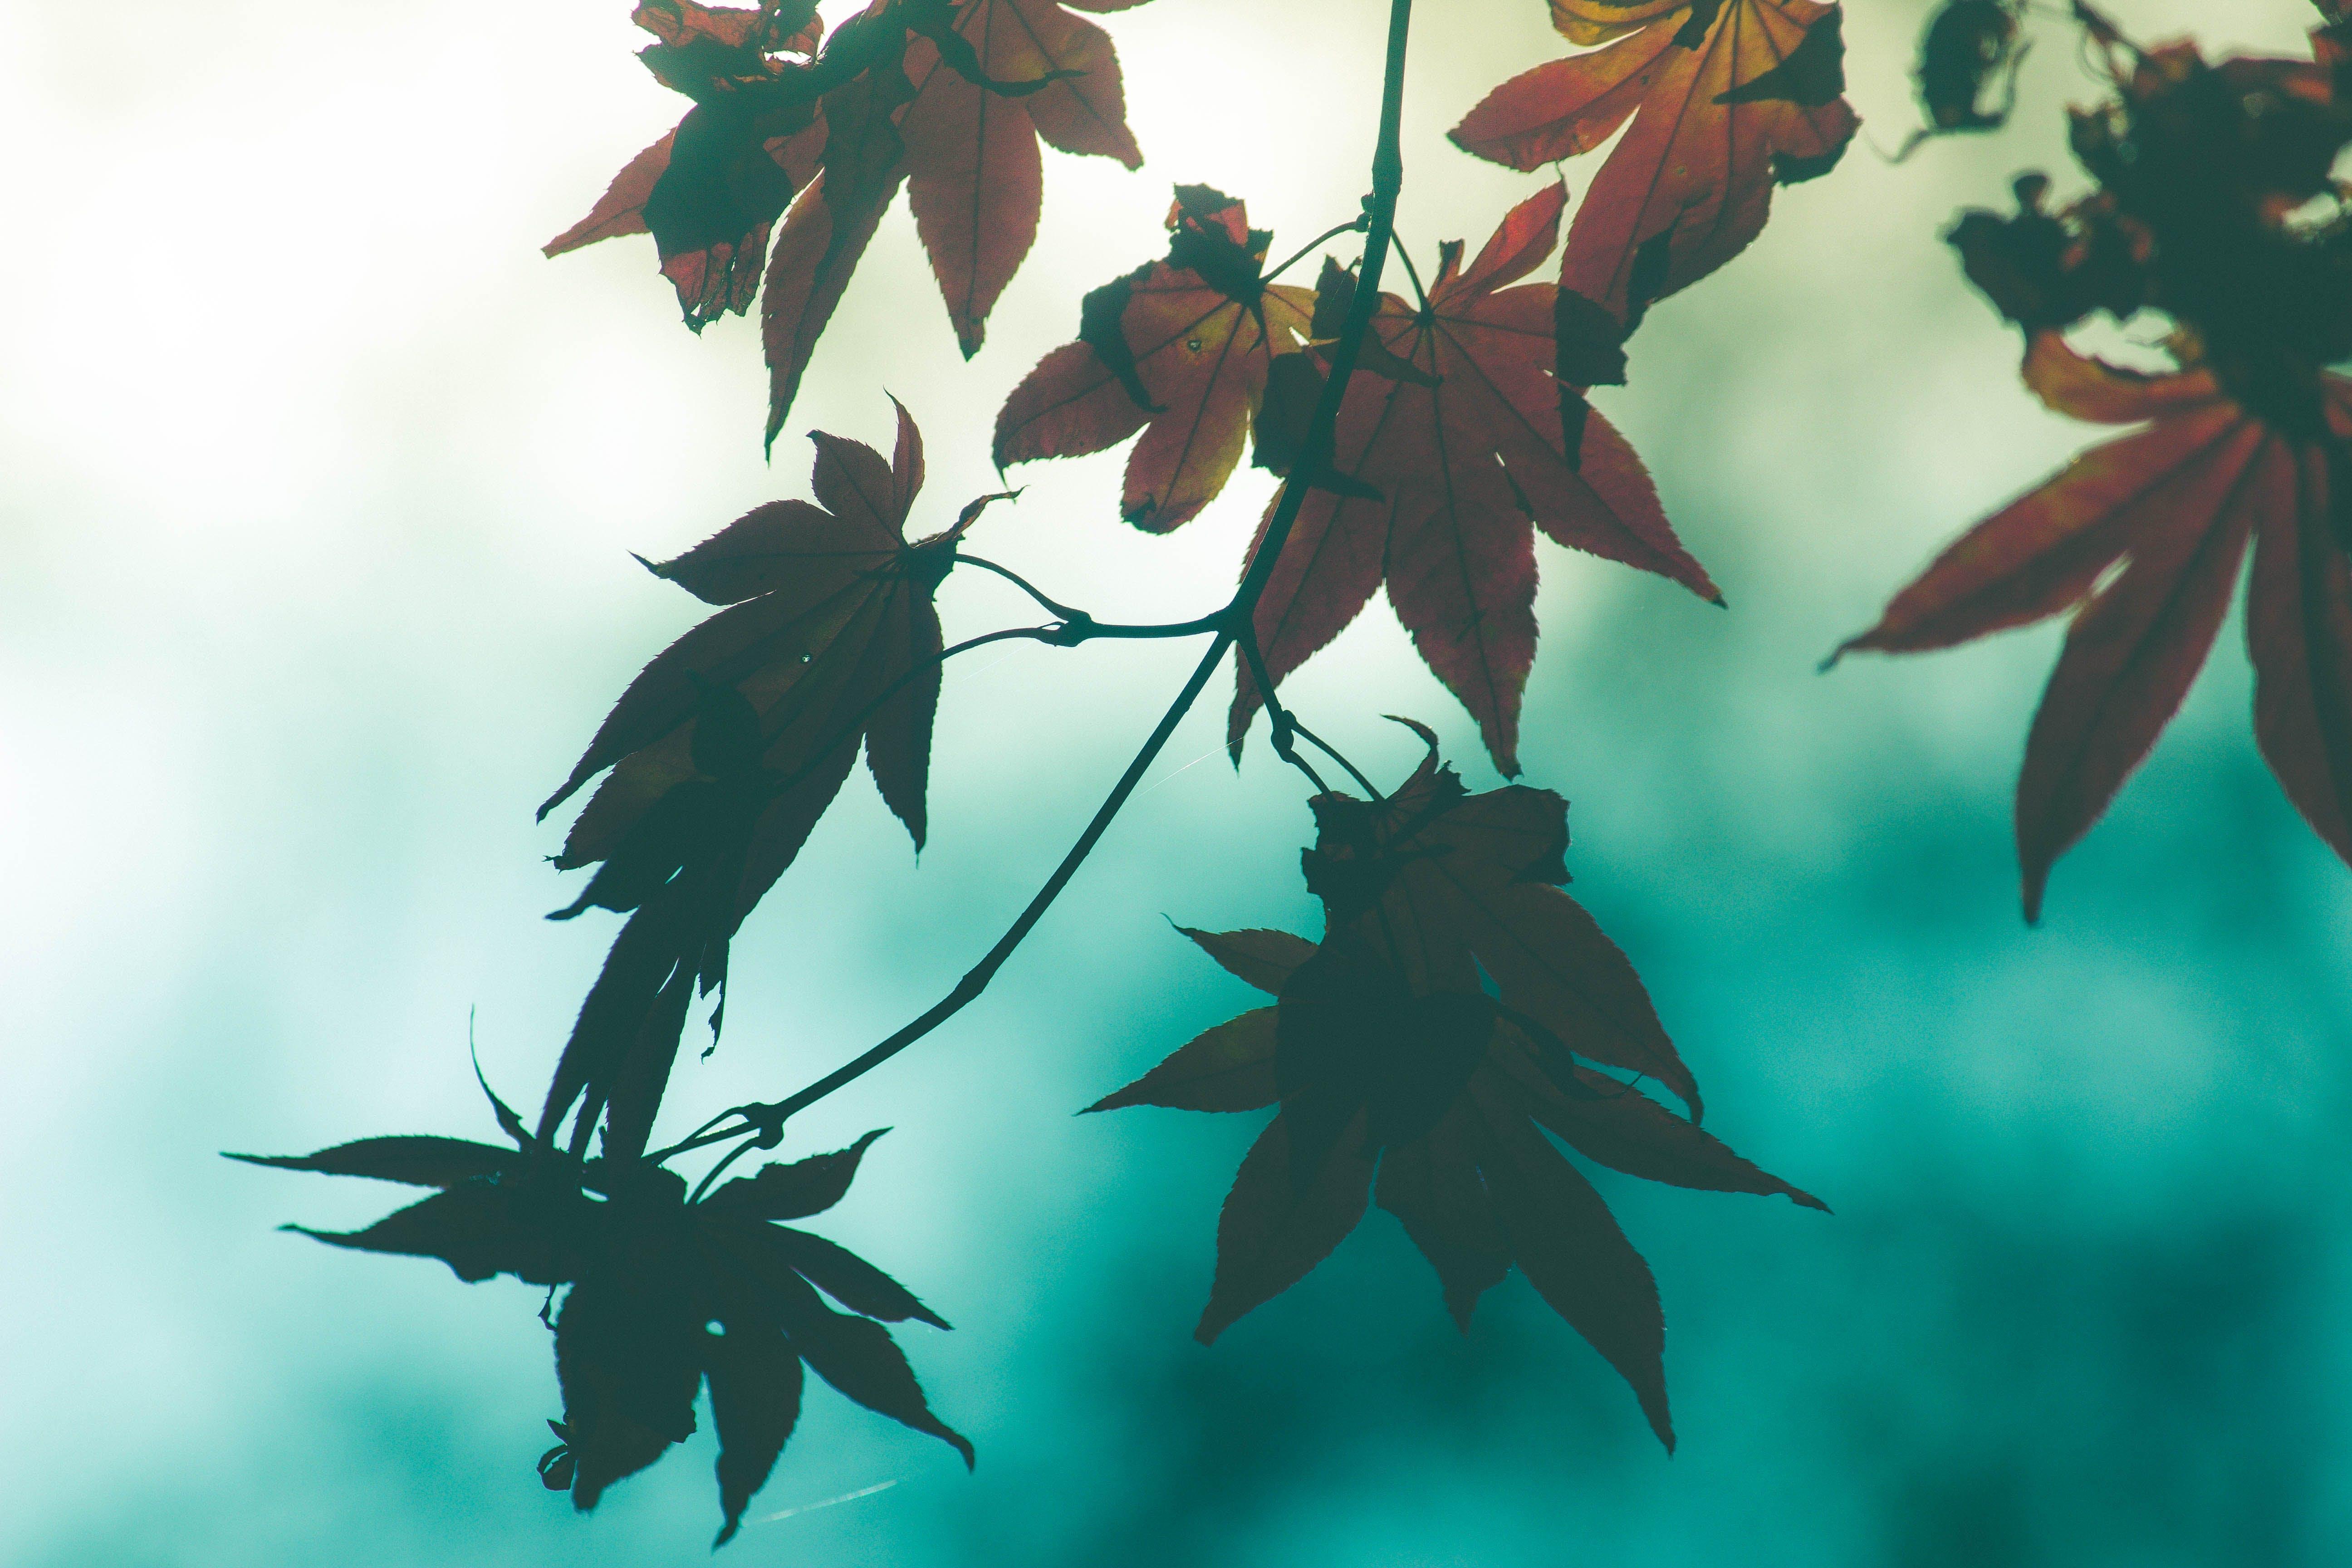 Δωρεάν στοκ φωτογραφιών με κόκκινα φύλλα, κόκκινο σφενδάμι, πτώση φύλλων